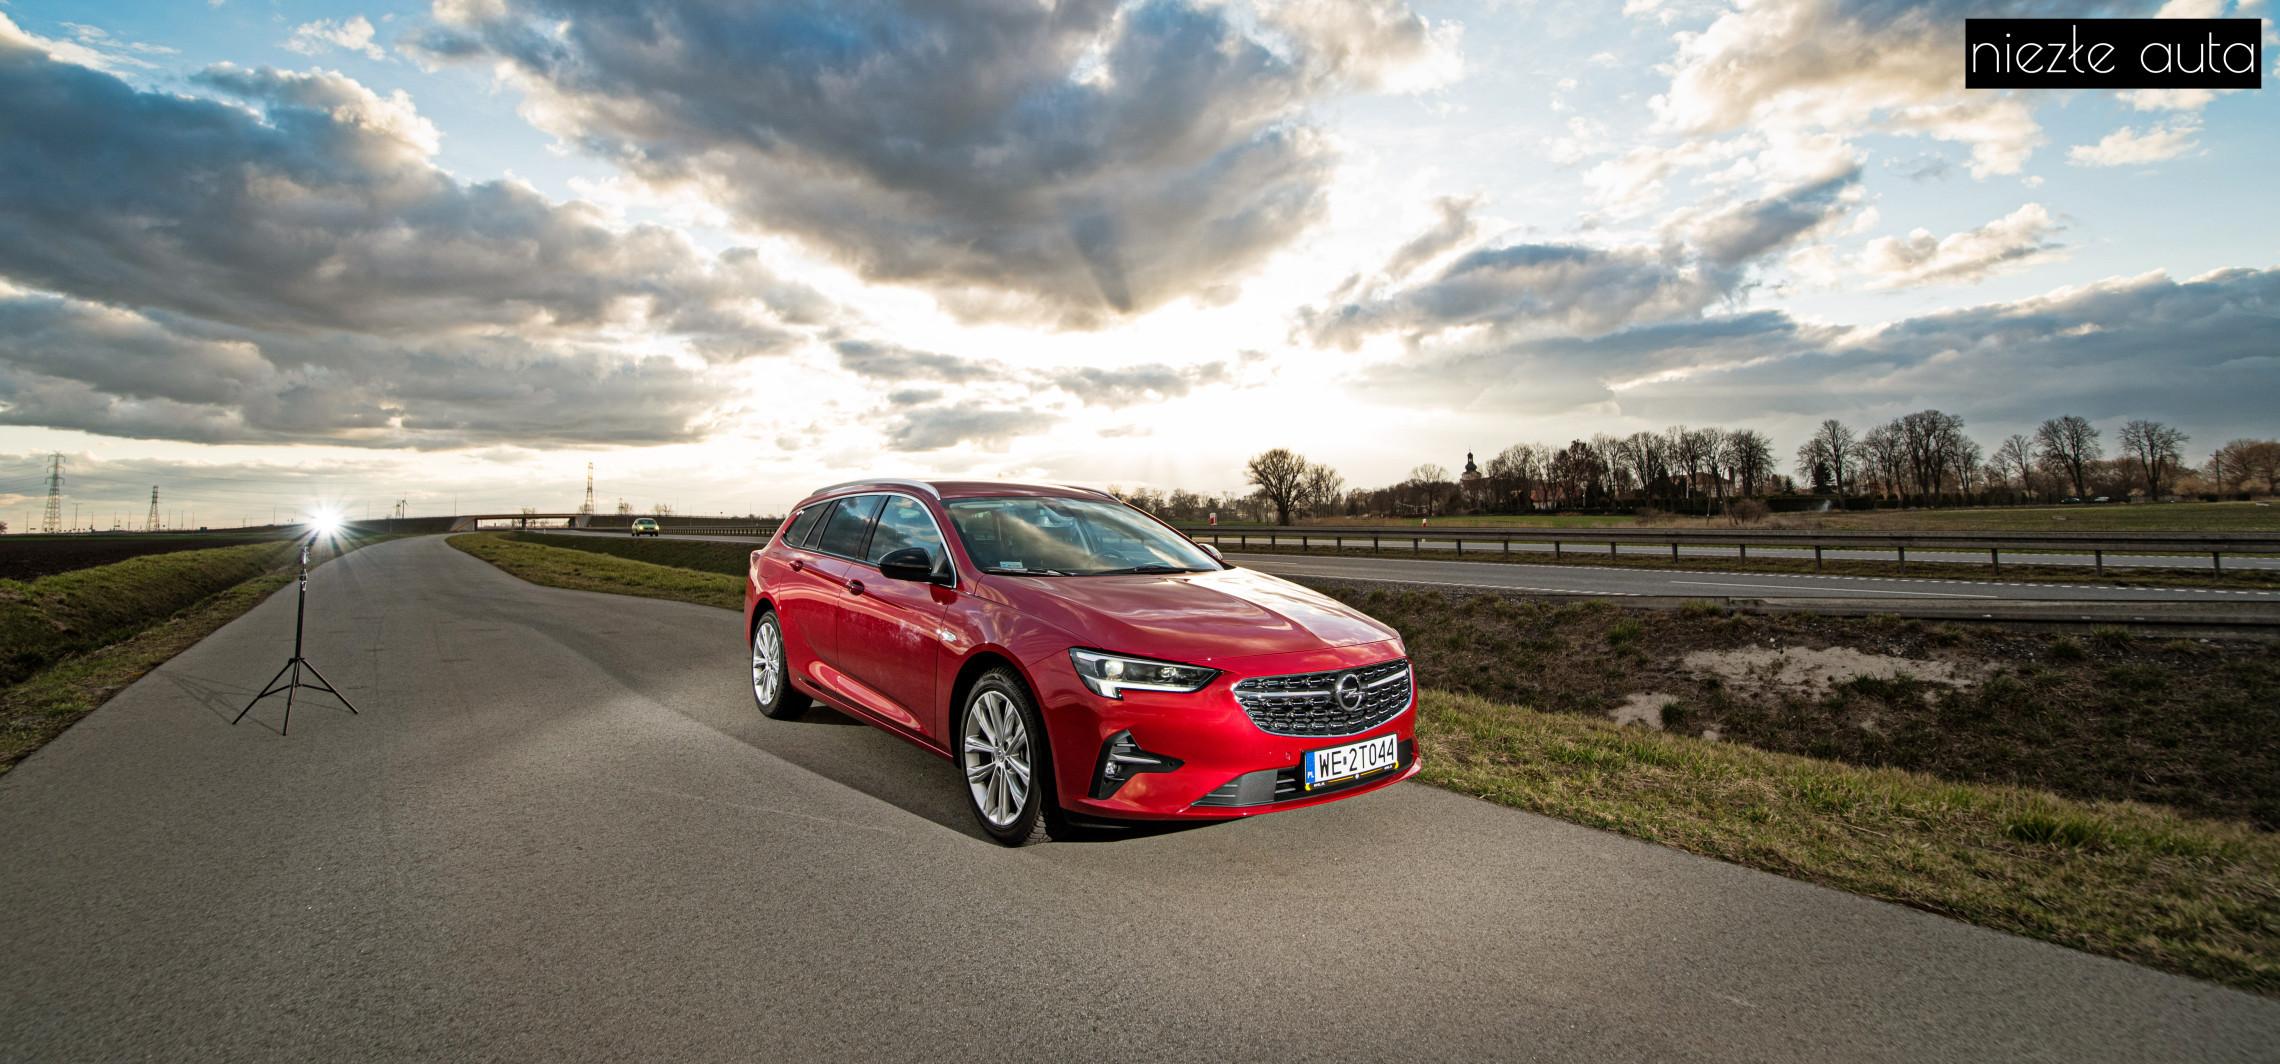 Test: Opel Insignia po liftingu. Dobra zmiana?